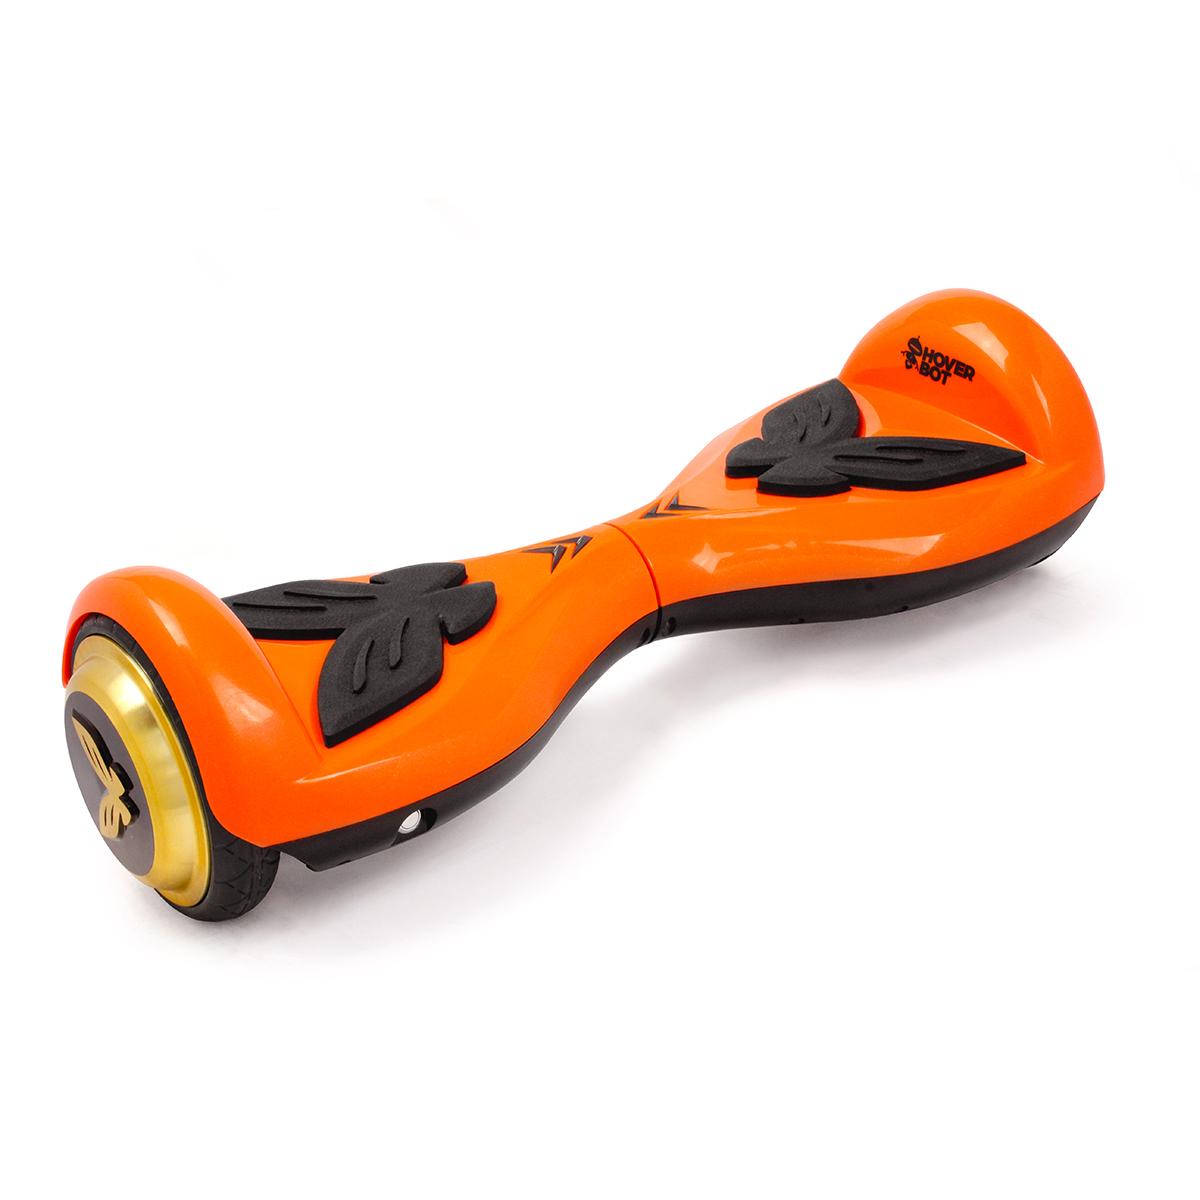 Гироскутер Hoverbot K-2, детский, цвет: оранжевыйGK2OEHoverbot K-2 детская модель гироборда. Идеально подойдёт для ребёнка весом до 60 кг, который делает свои первые пробные заезды. Управлять данным устройством очень легко, и ваш ребёнок быстро освоит все азы управления. Педали из мягкой резины выполнены в форме бабочек. Дизайн гироборда оценят девочки любого возраста. Колёса выполнены из прочной резины, колёсные диски имеют золотой цвет. Покупая Hoverbot K-2 вы приобретаете долговечное и безопасное устройство из прочного пластика, в ярком дизайне и с отличными техническими характеристиками. Технические характеристики: Возможная дистанция: 10 км Максимальная скорость: 5 км/ч Аккумулятор: Lithium 42V 2.2 AH Размер колеса: 4,5 d Мощность мотора: 2 х 250W Максимальная нагрузка: 60 кг Время заряда/сеть: 60 мин/220В Вес нетто: 6 кг Вес брутто: 8 кг Влагозащита: IP54, Условия эксплуатации: -10°C + 50°C. Комплектация: Зарядное устройство, гарантийный талон, сертификат, инструкция